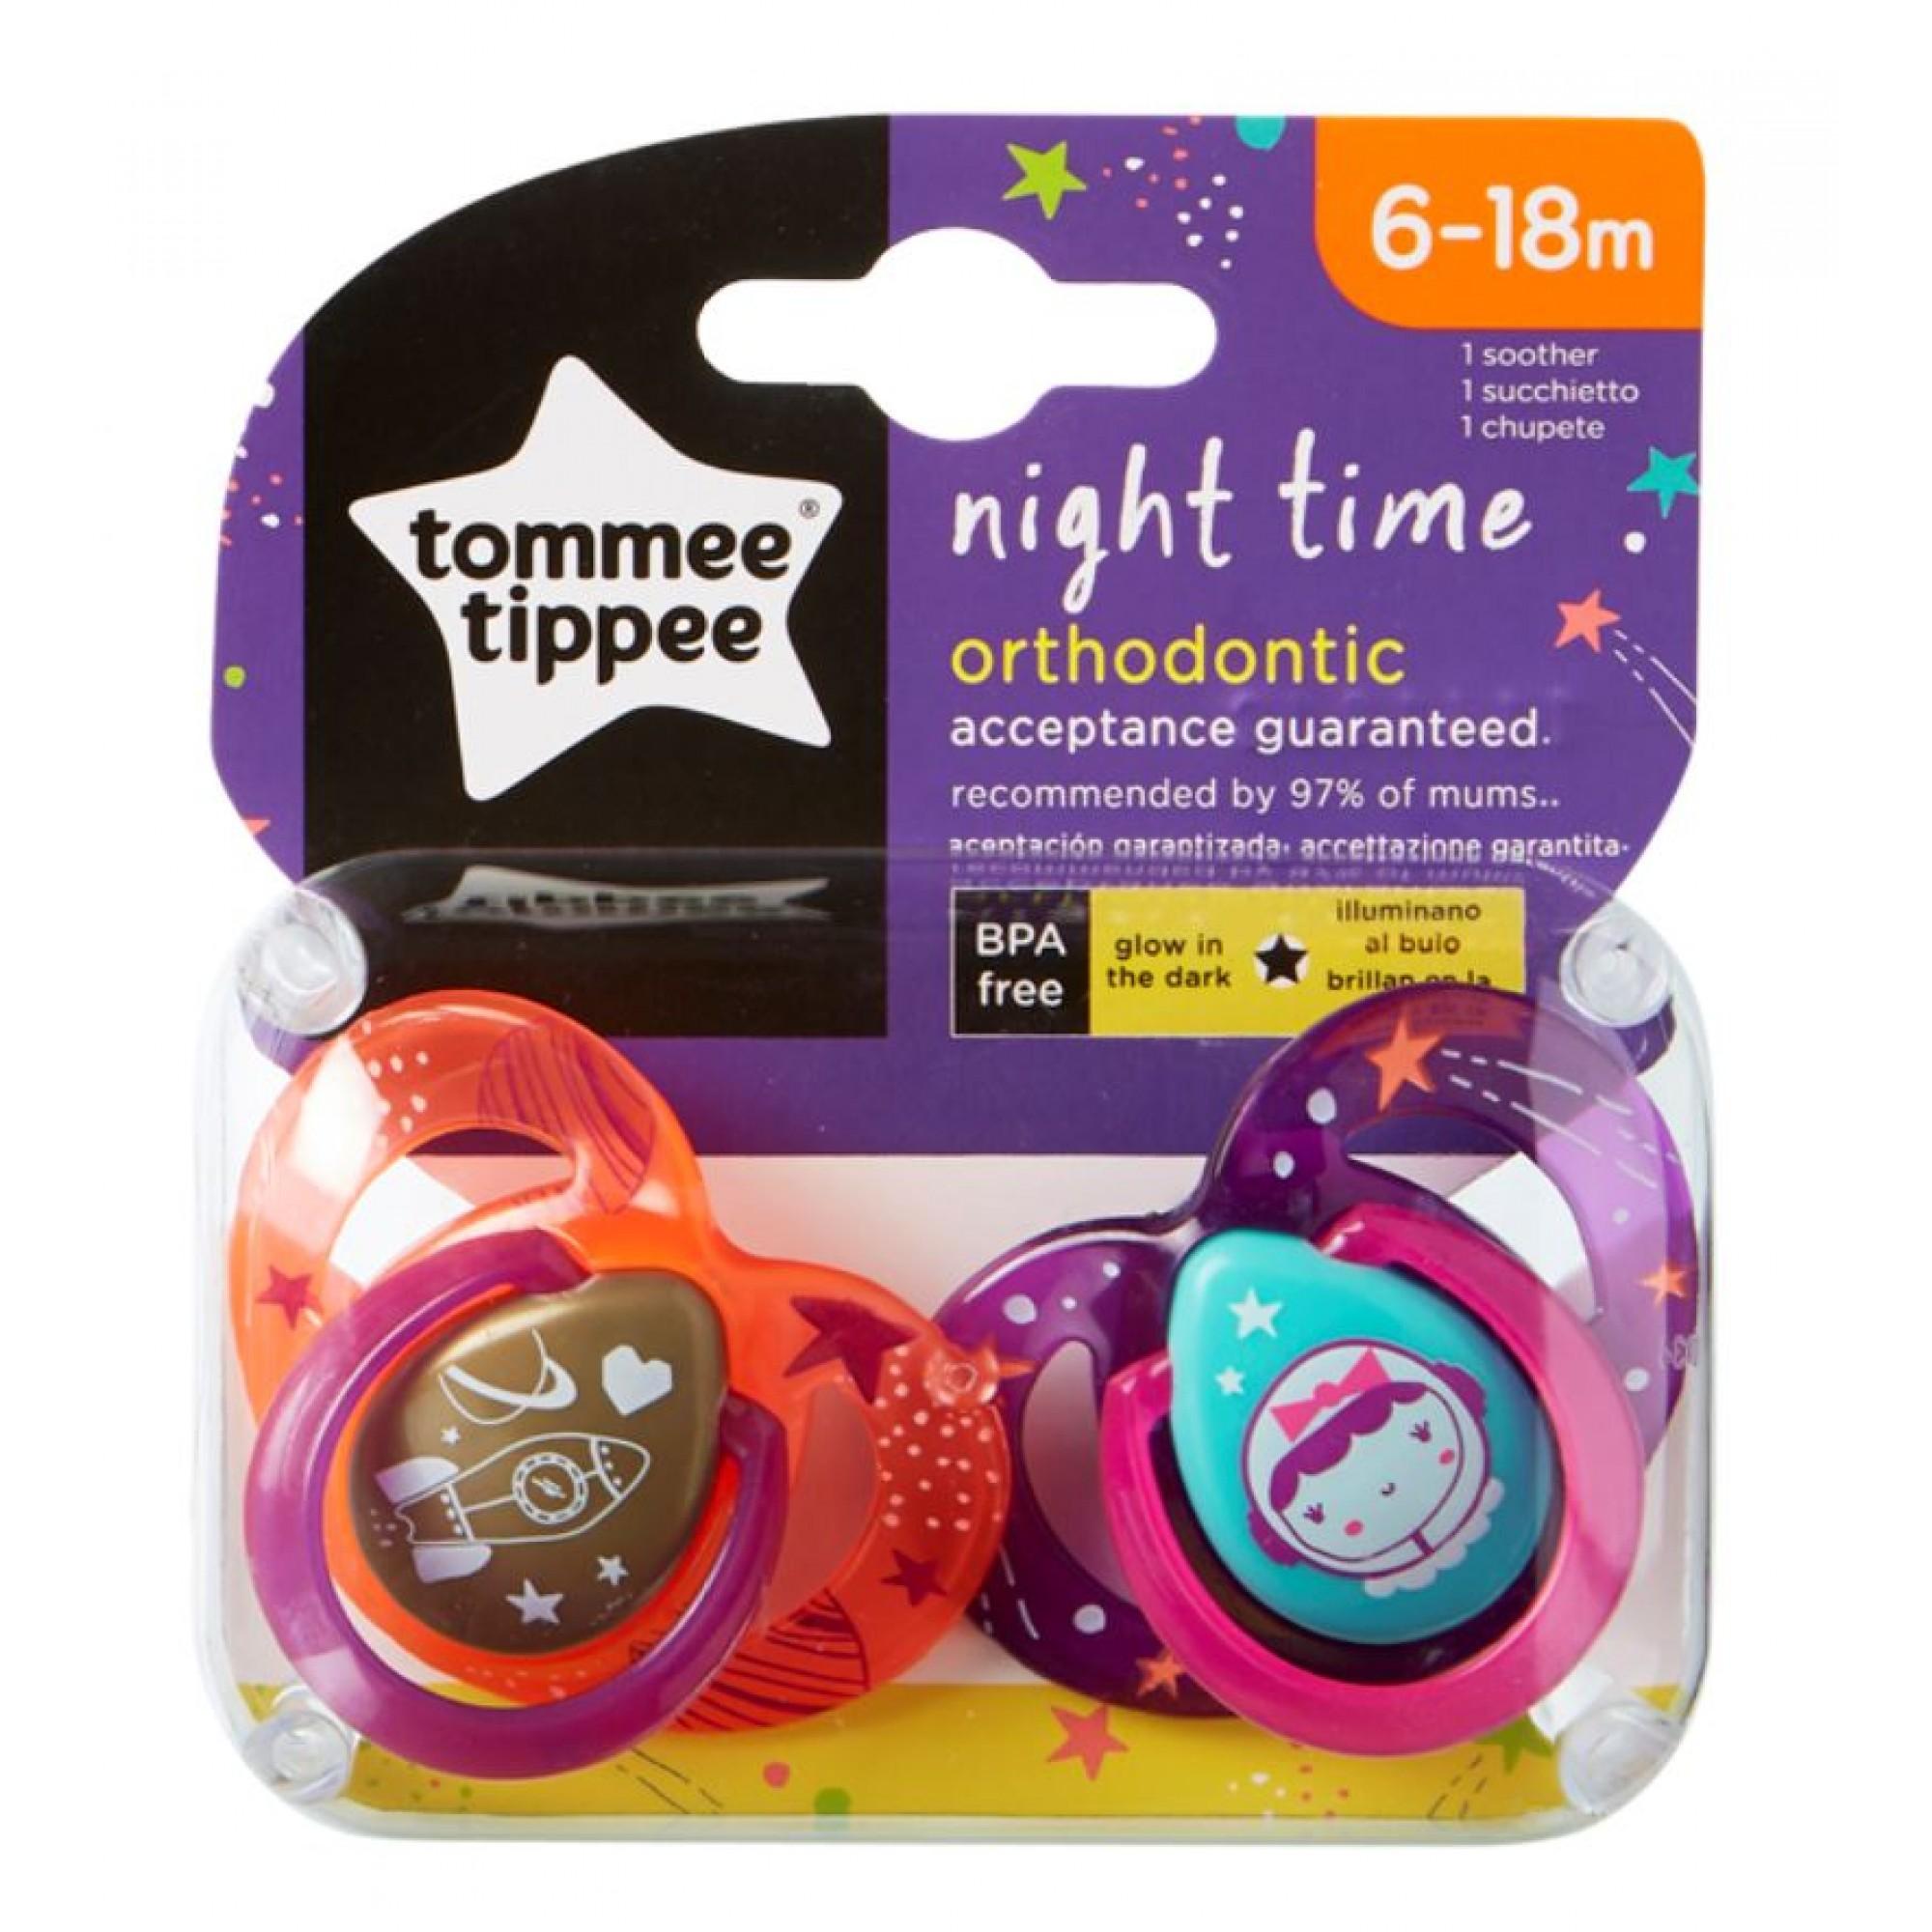 Set Suzete Ortodontice de Noapte, Tommee Tippee, 6-18 Luni, 2 buc, Astronaut Fetita